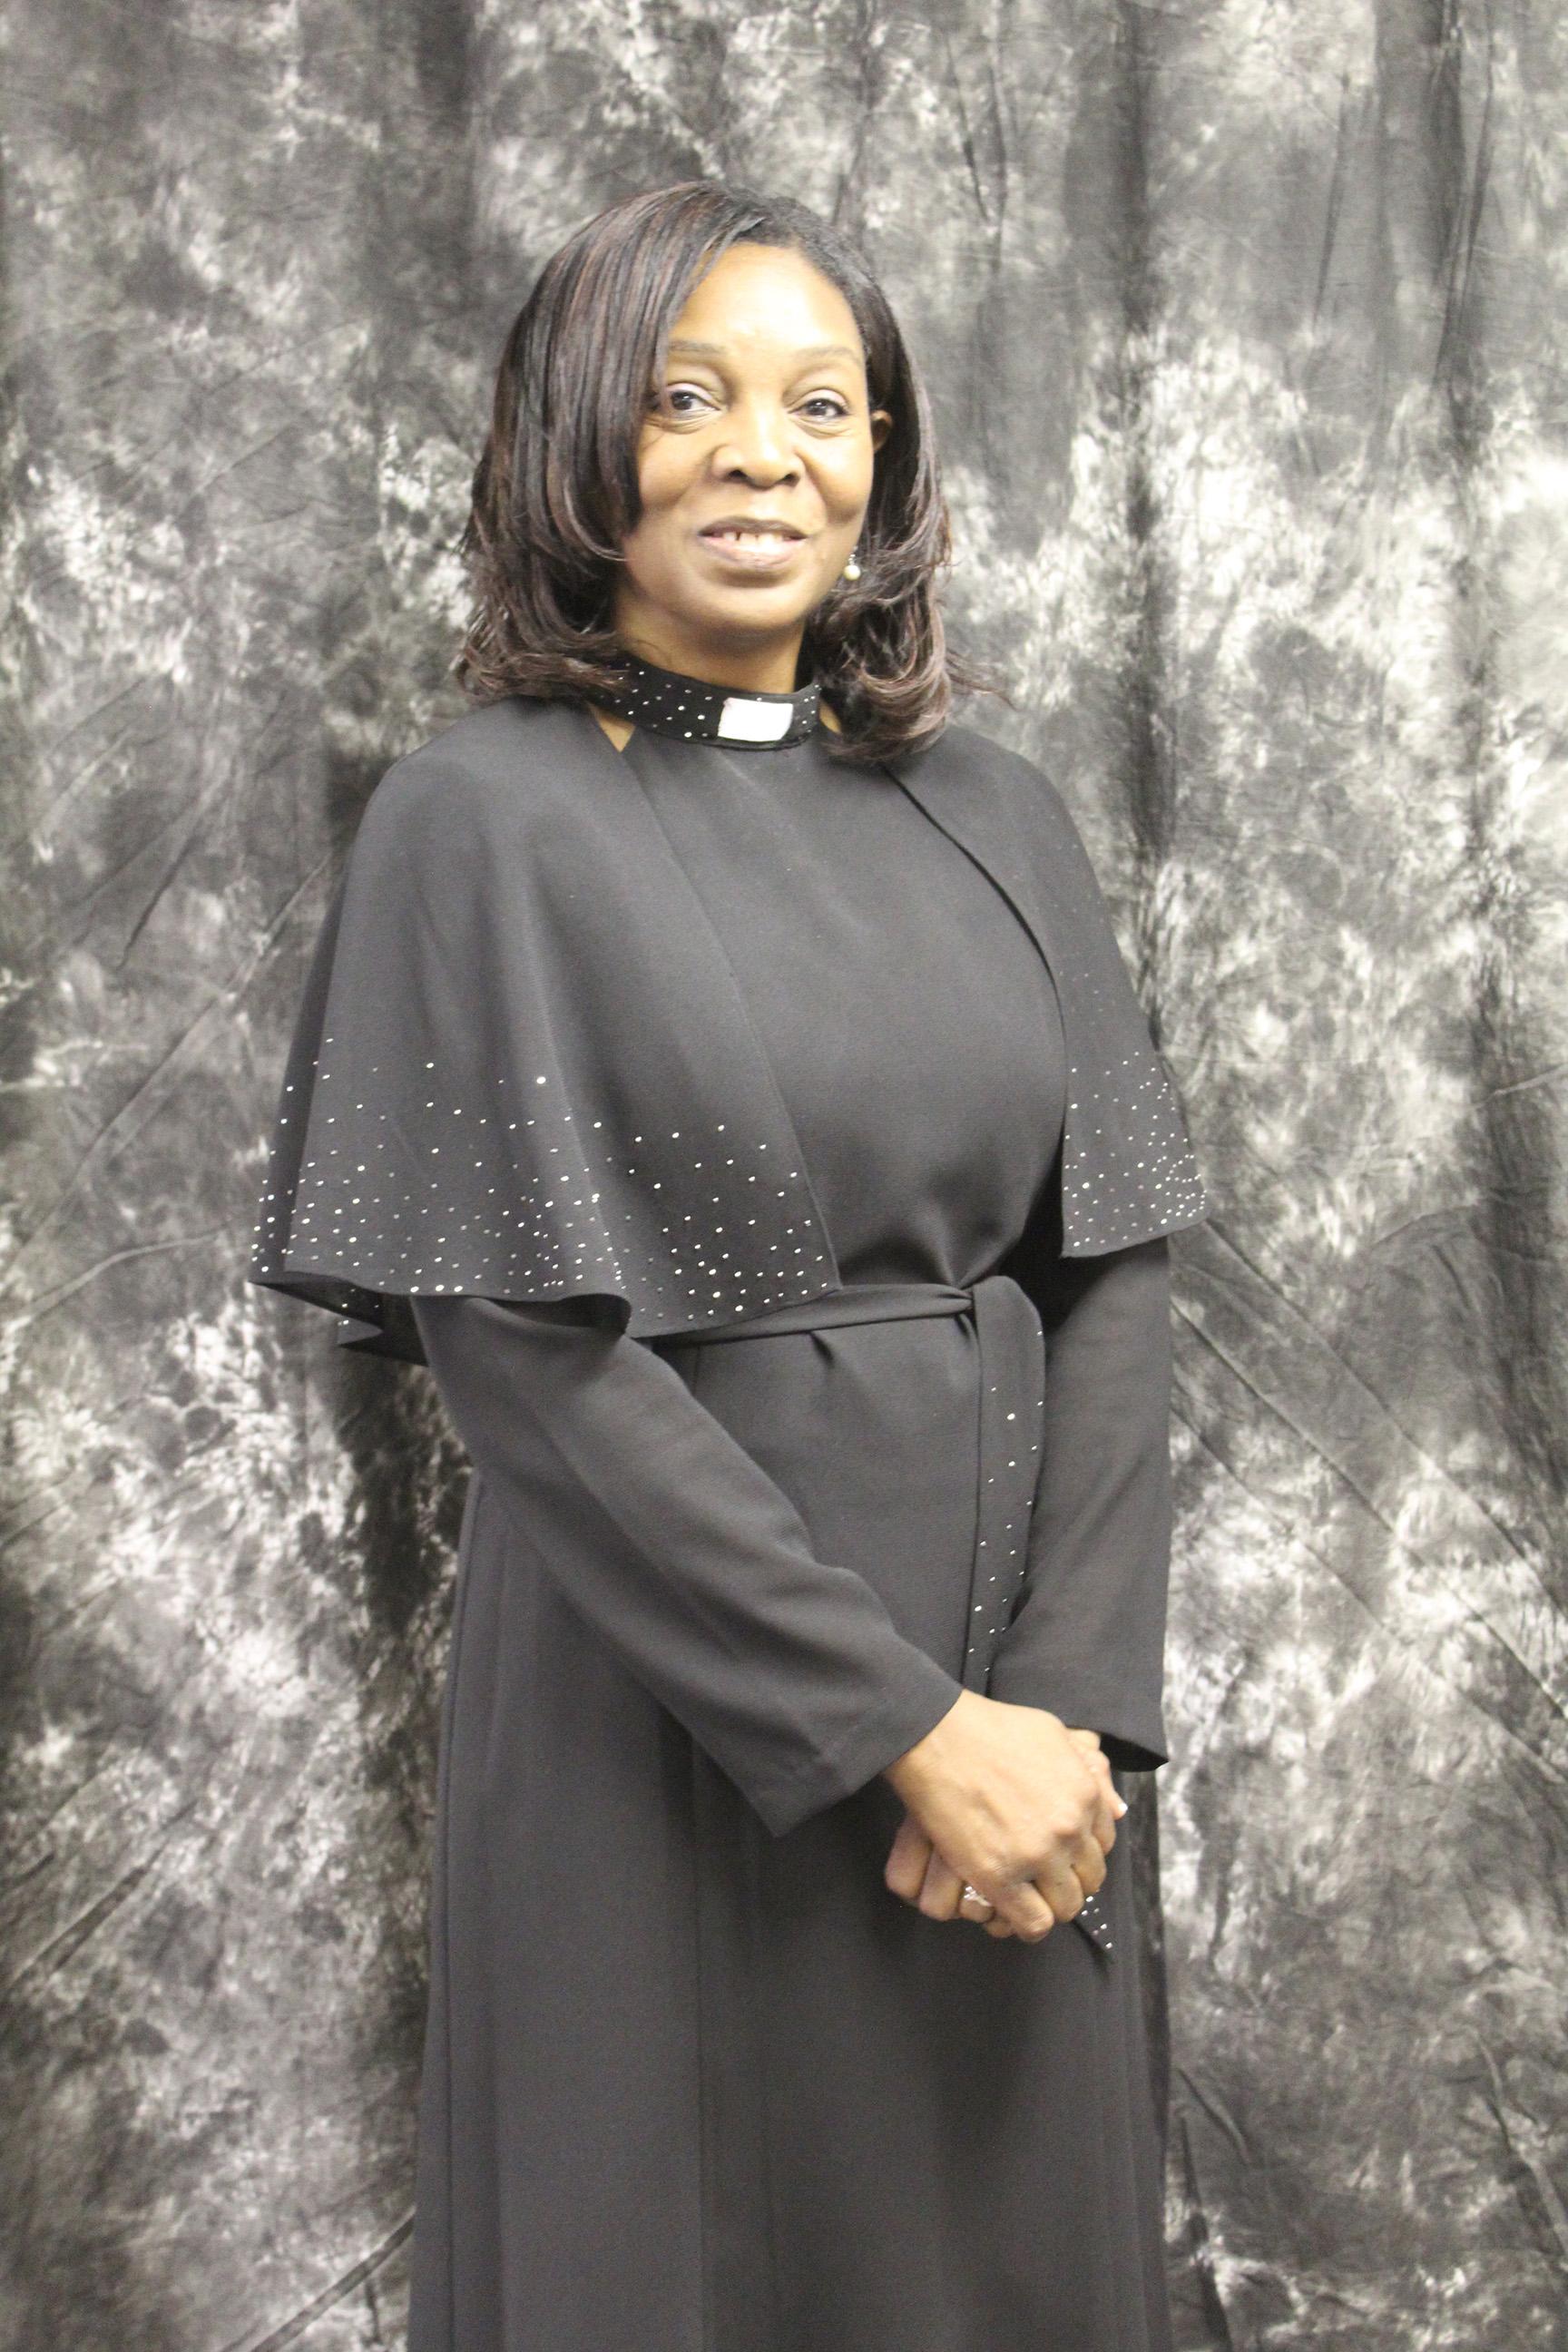 Elder Phyllis Malloy